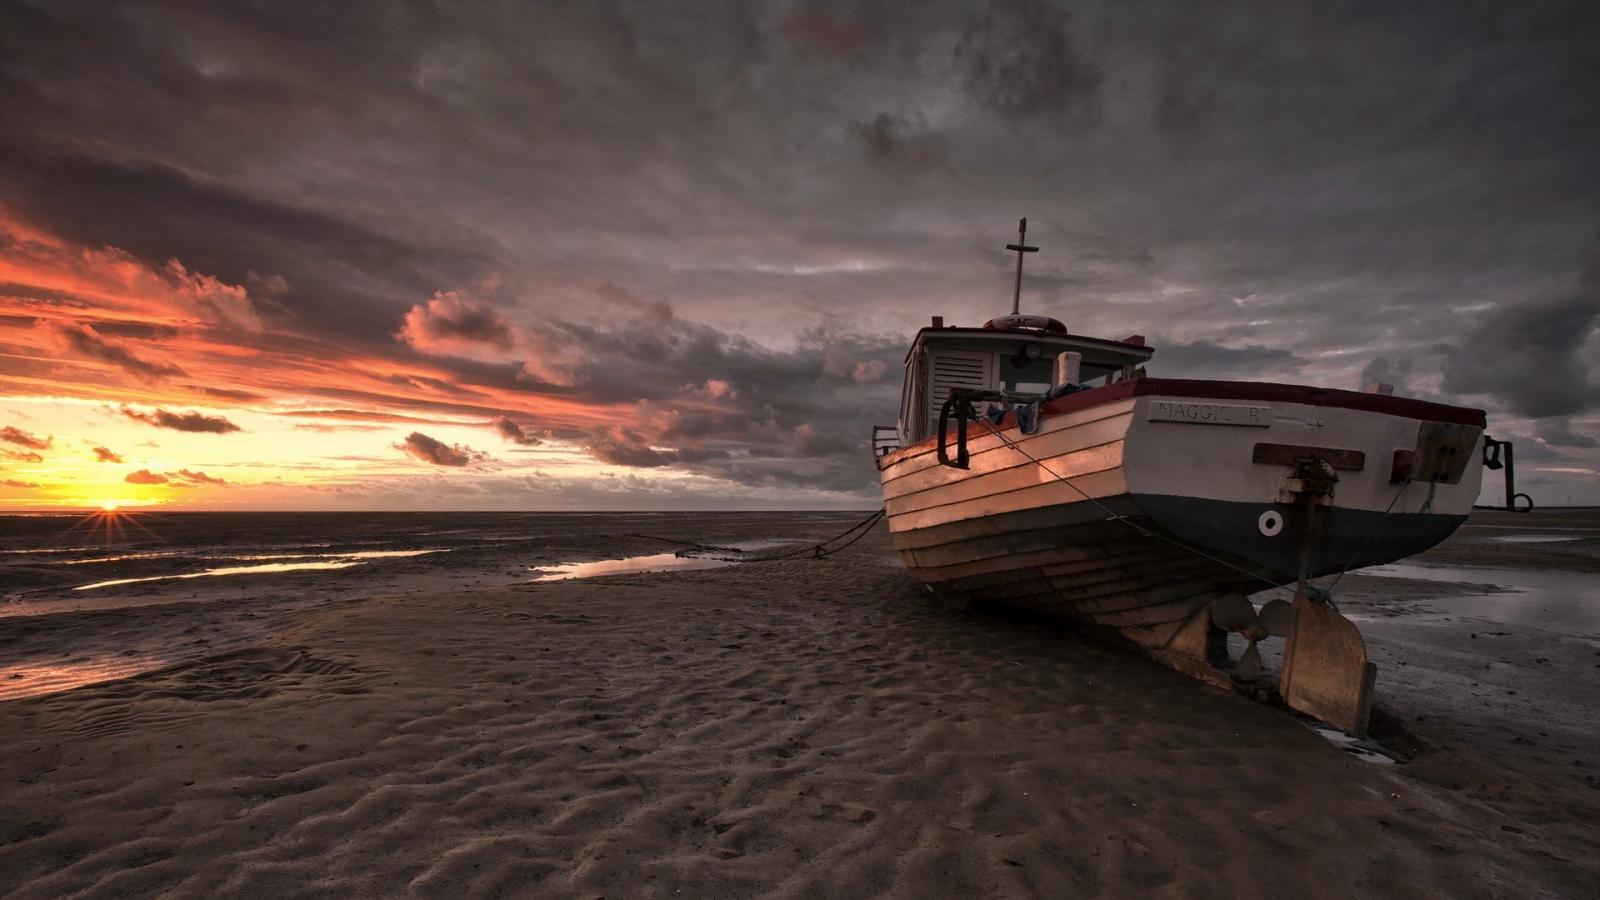 Un bote en la playa - 1600x900